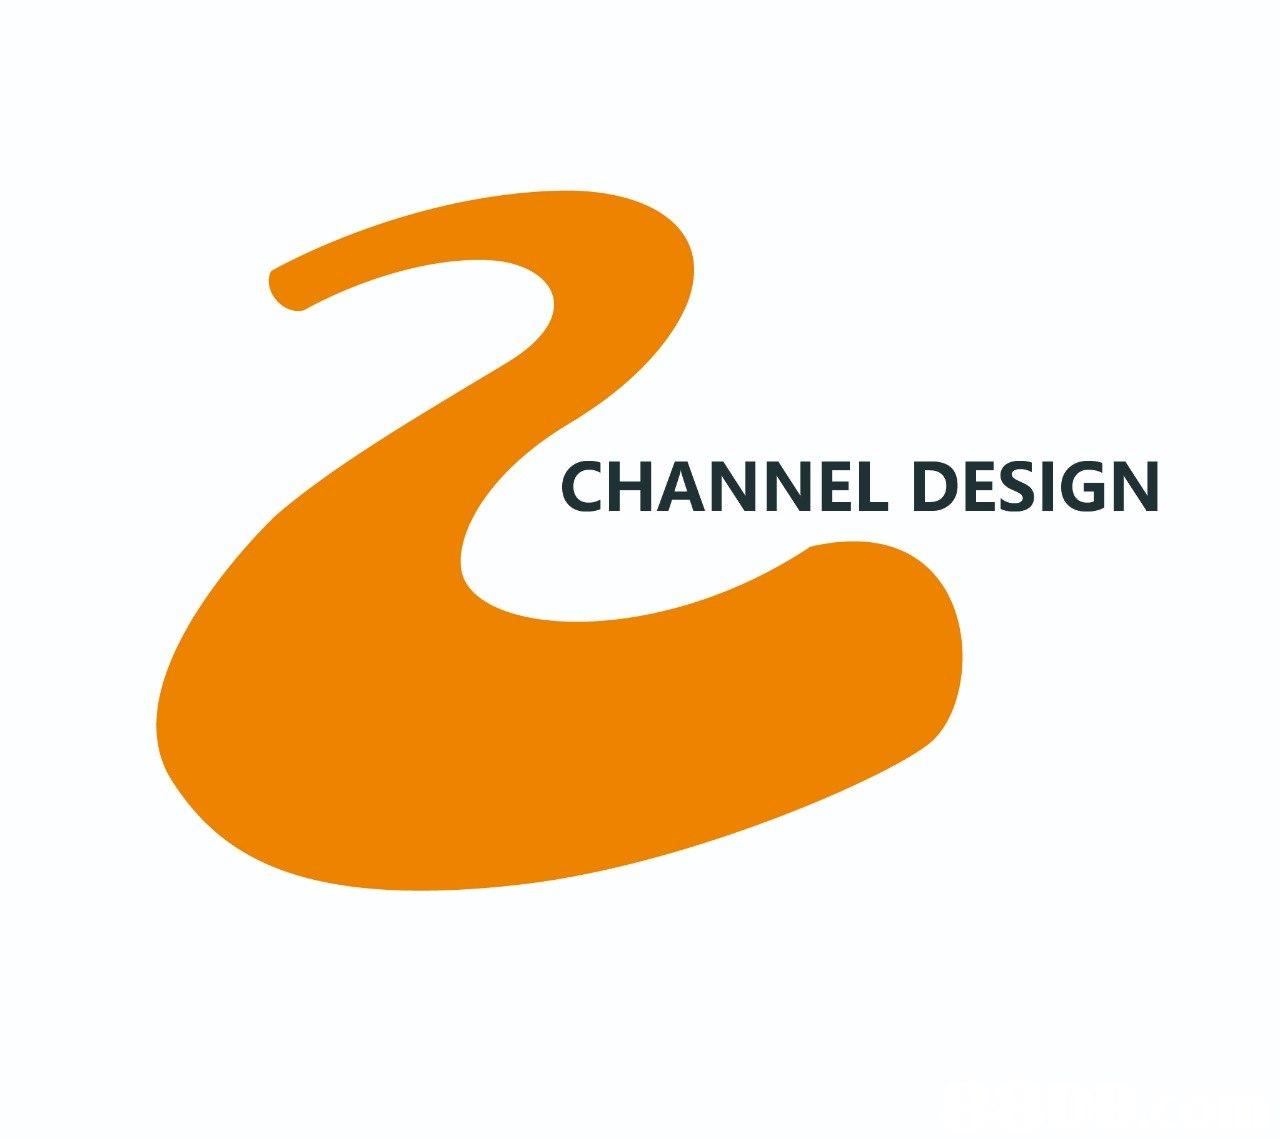 CHANNEL DESIGN  Text,Logo,Font,Line,Graphics